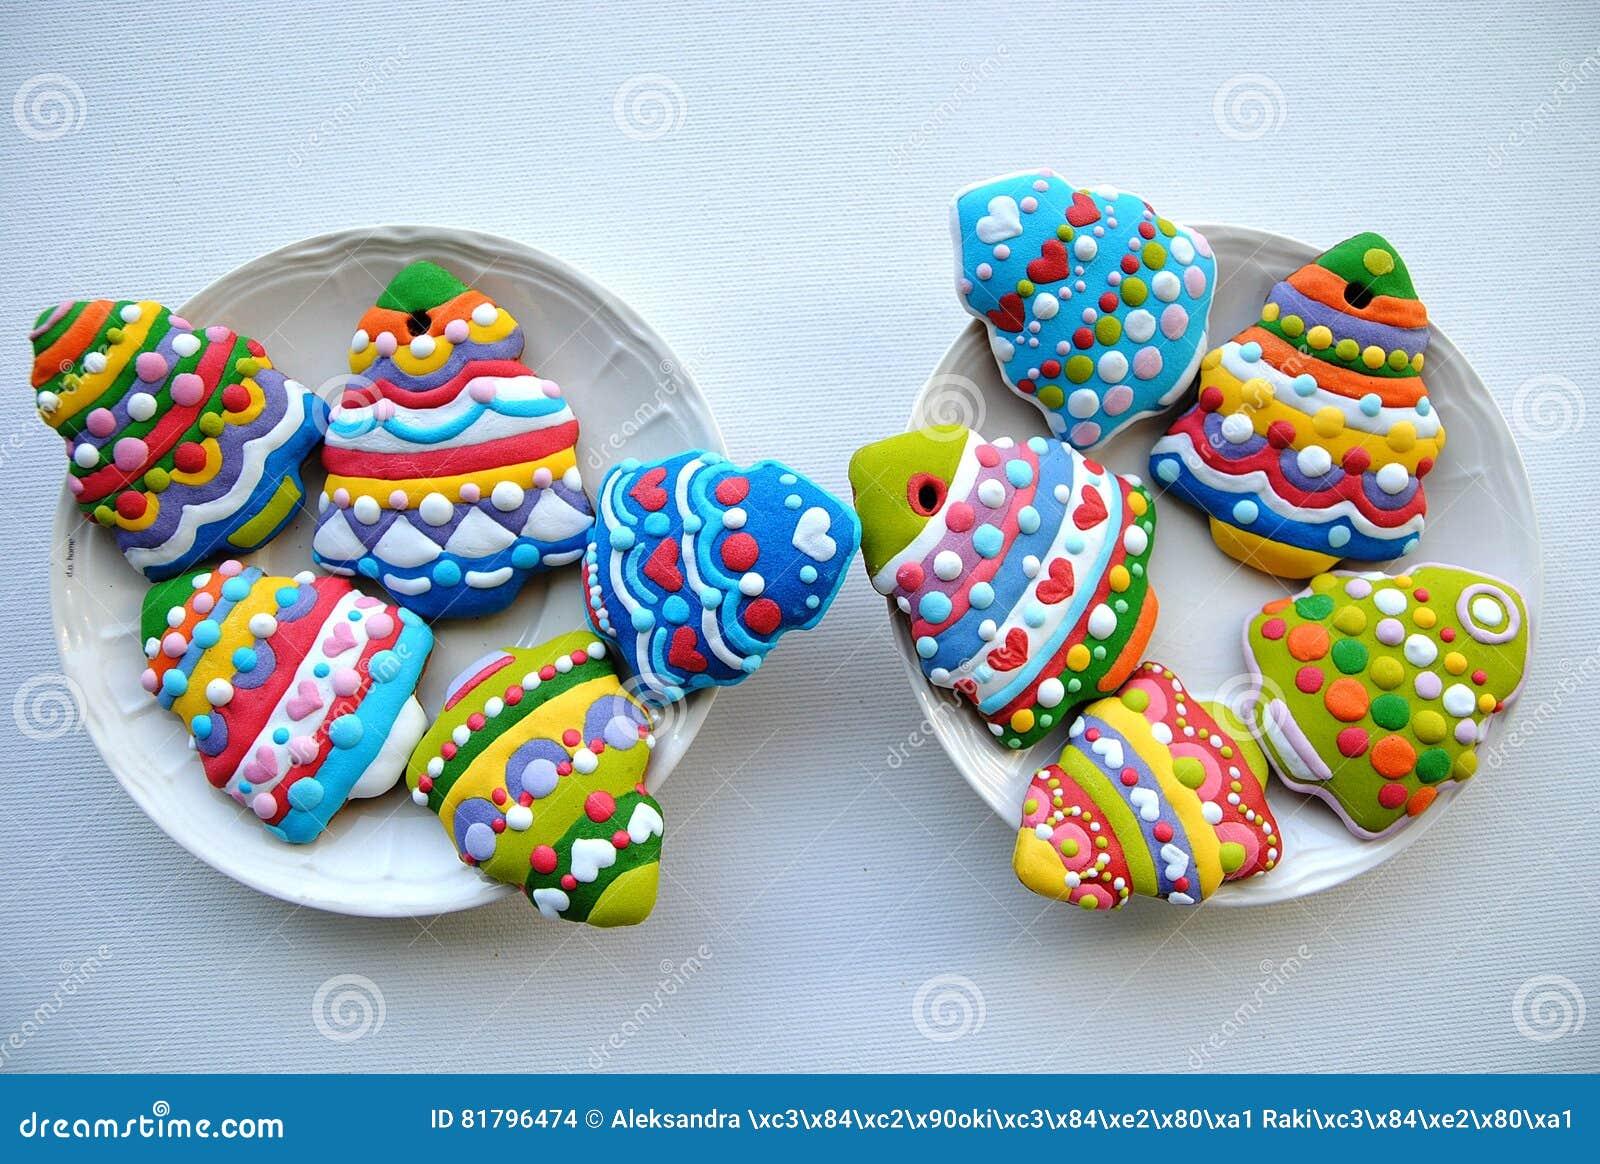 Biscotti Di Natale X Bambini.Biscotti Dell Albero Di Natale Biscotti Di Natale Per I Bambini